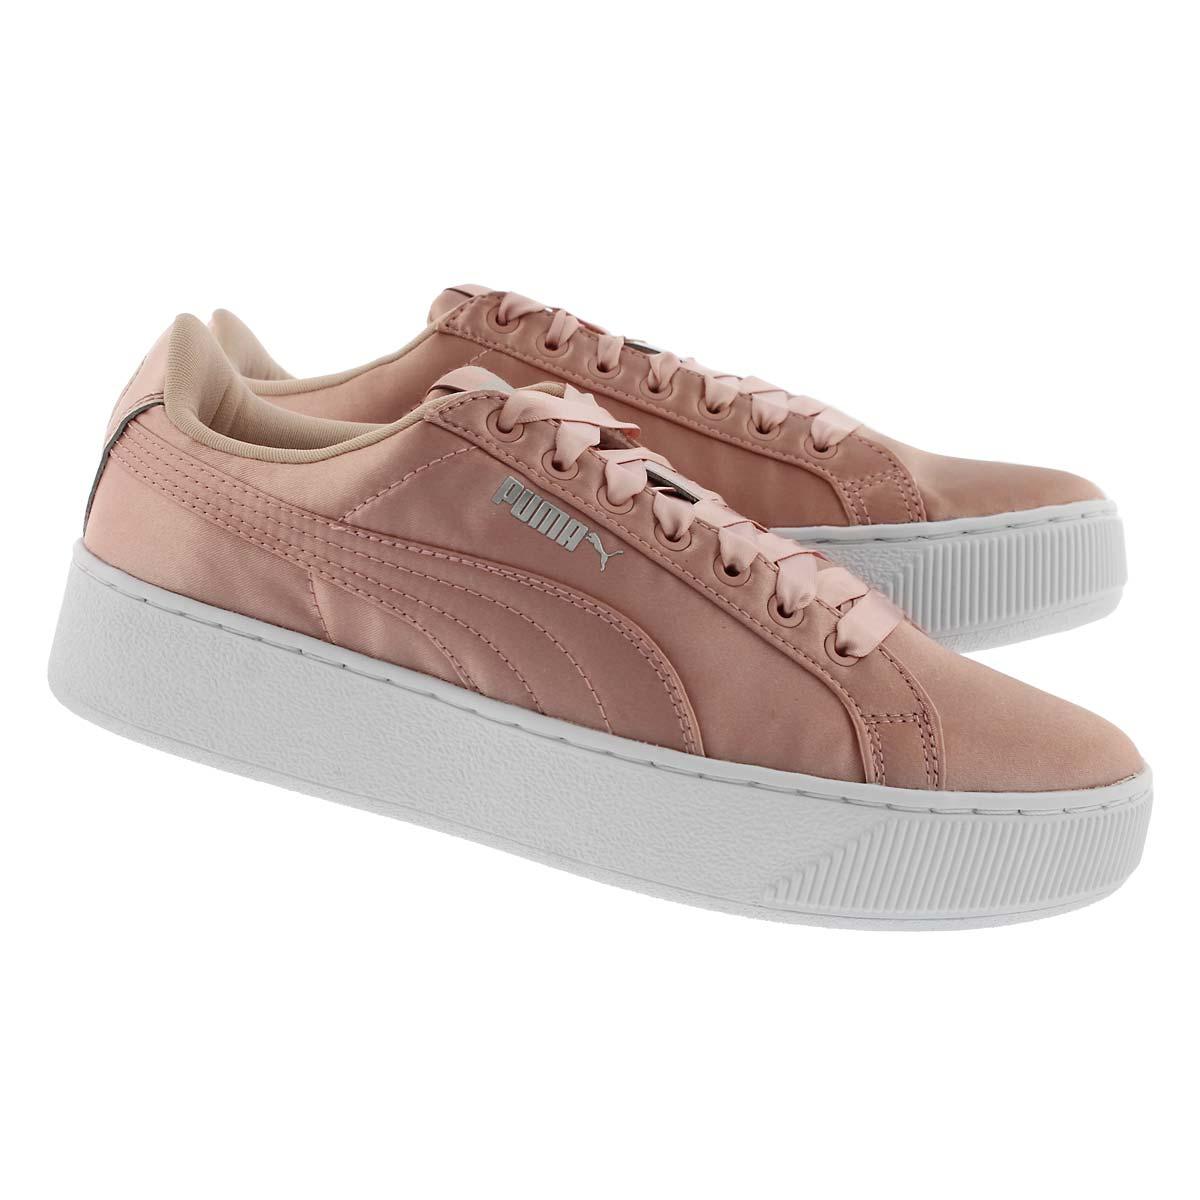 Lds Puma Vikky Platform peach sneaker